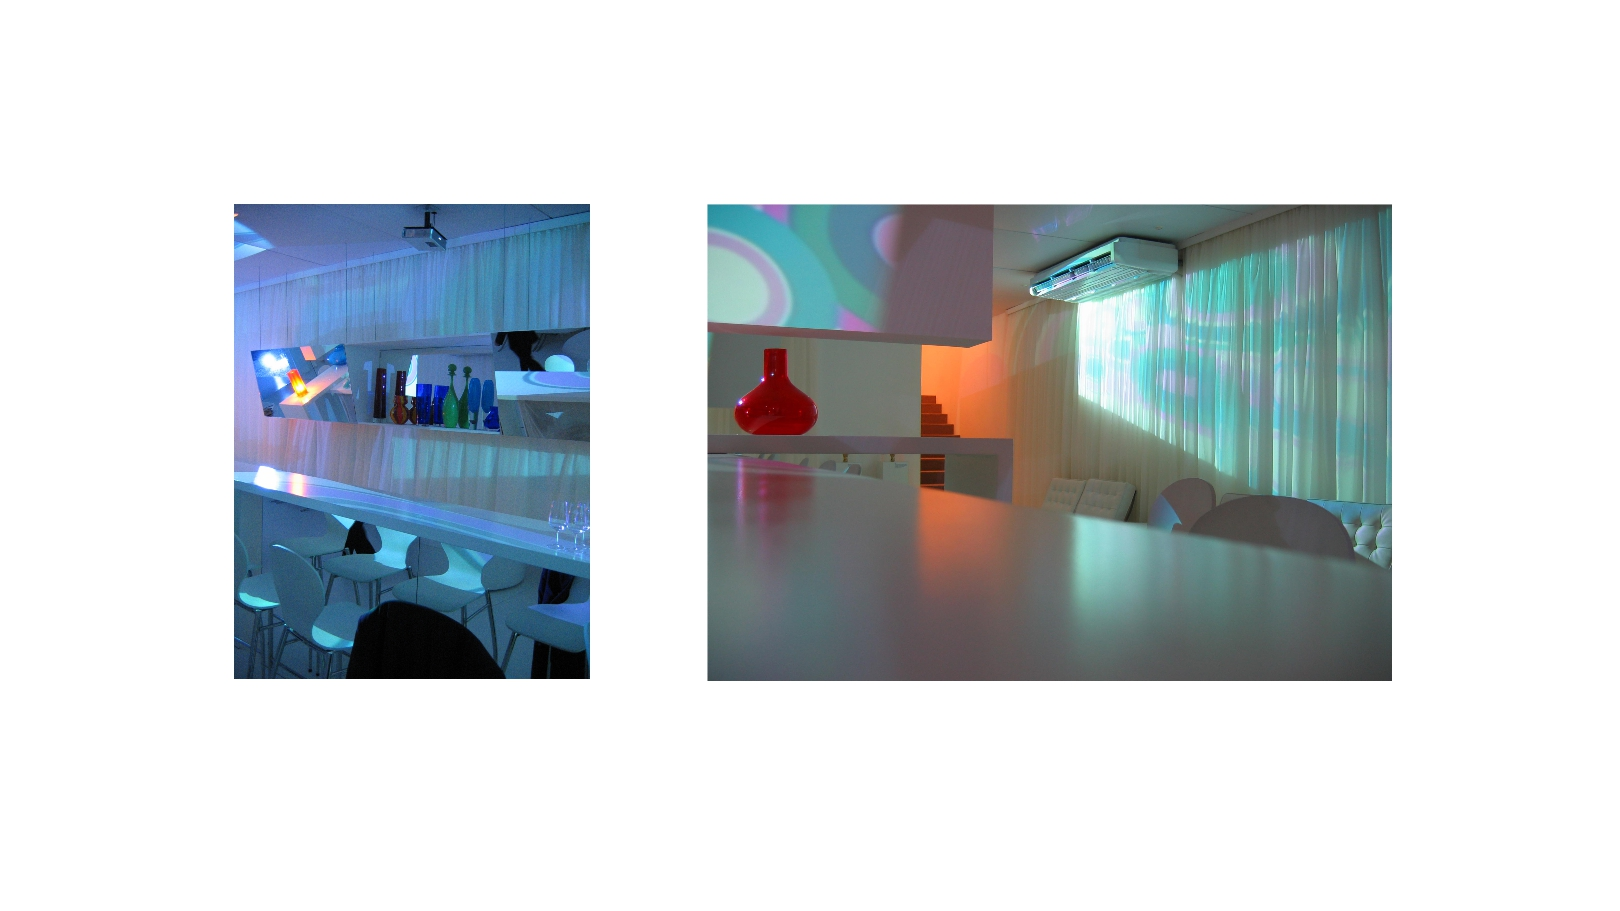 Apresentação Inez Oliveira exhibition design 2016 27